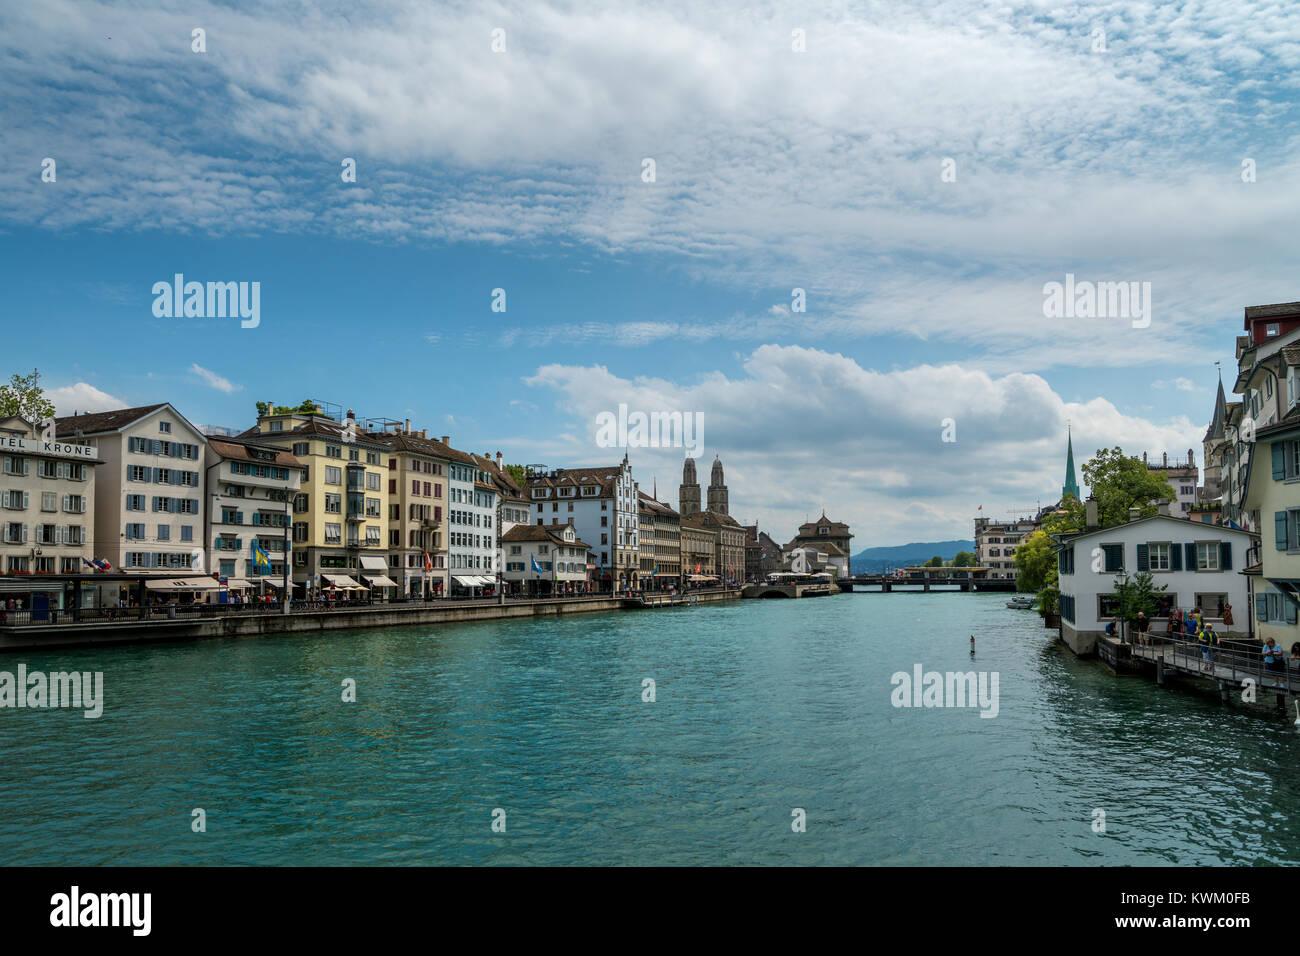 Limmatquai embankment in Zurich, Switzerland - Stock Image